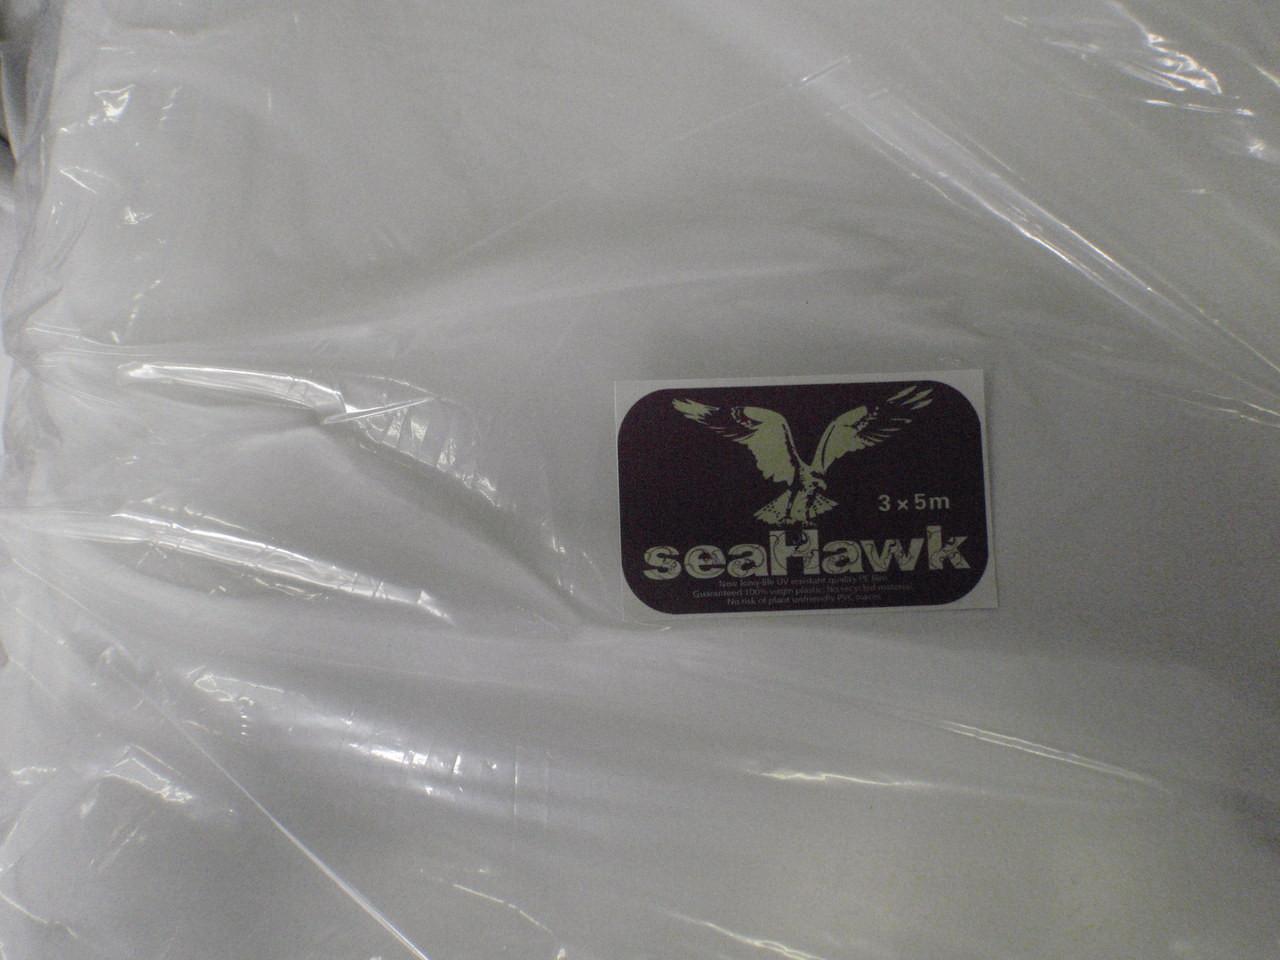 Seahawk Precut Panda Plastic 3mx5m